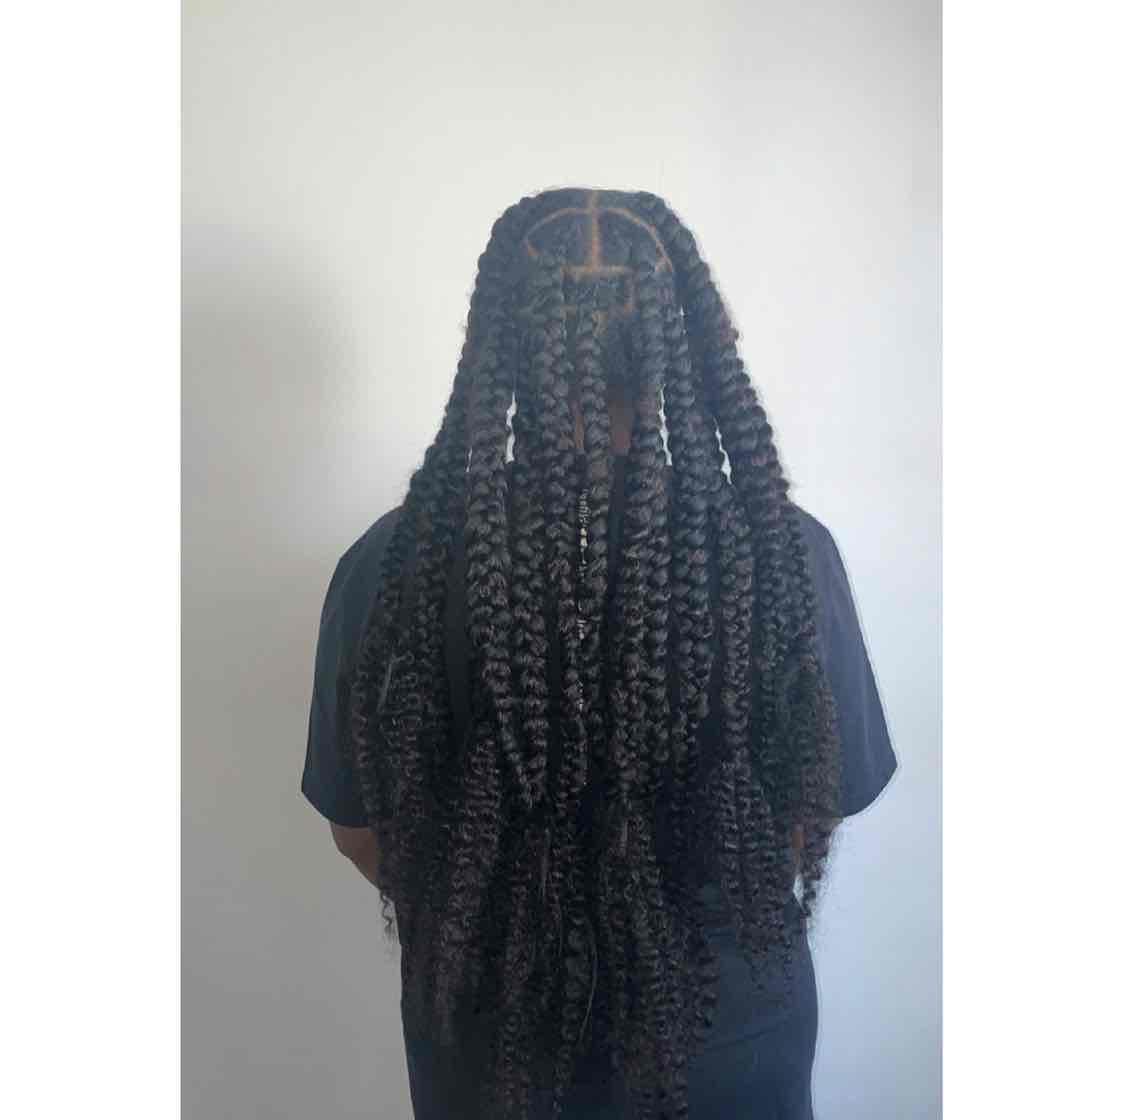 salon de coiffure afro tresse tresses box braids crochet braids vanilles tissages paris 75 77 78 91 92 93 94 95 JCCHGRWB